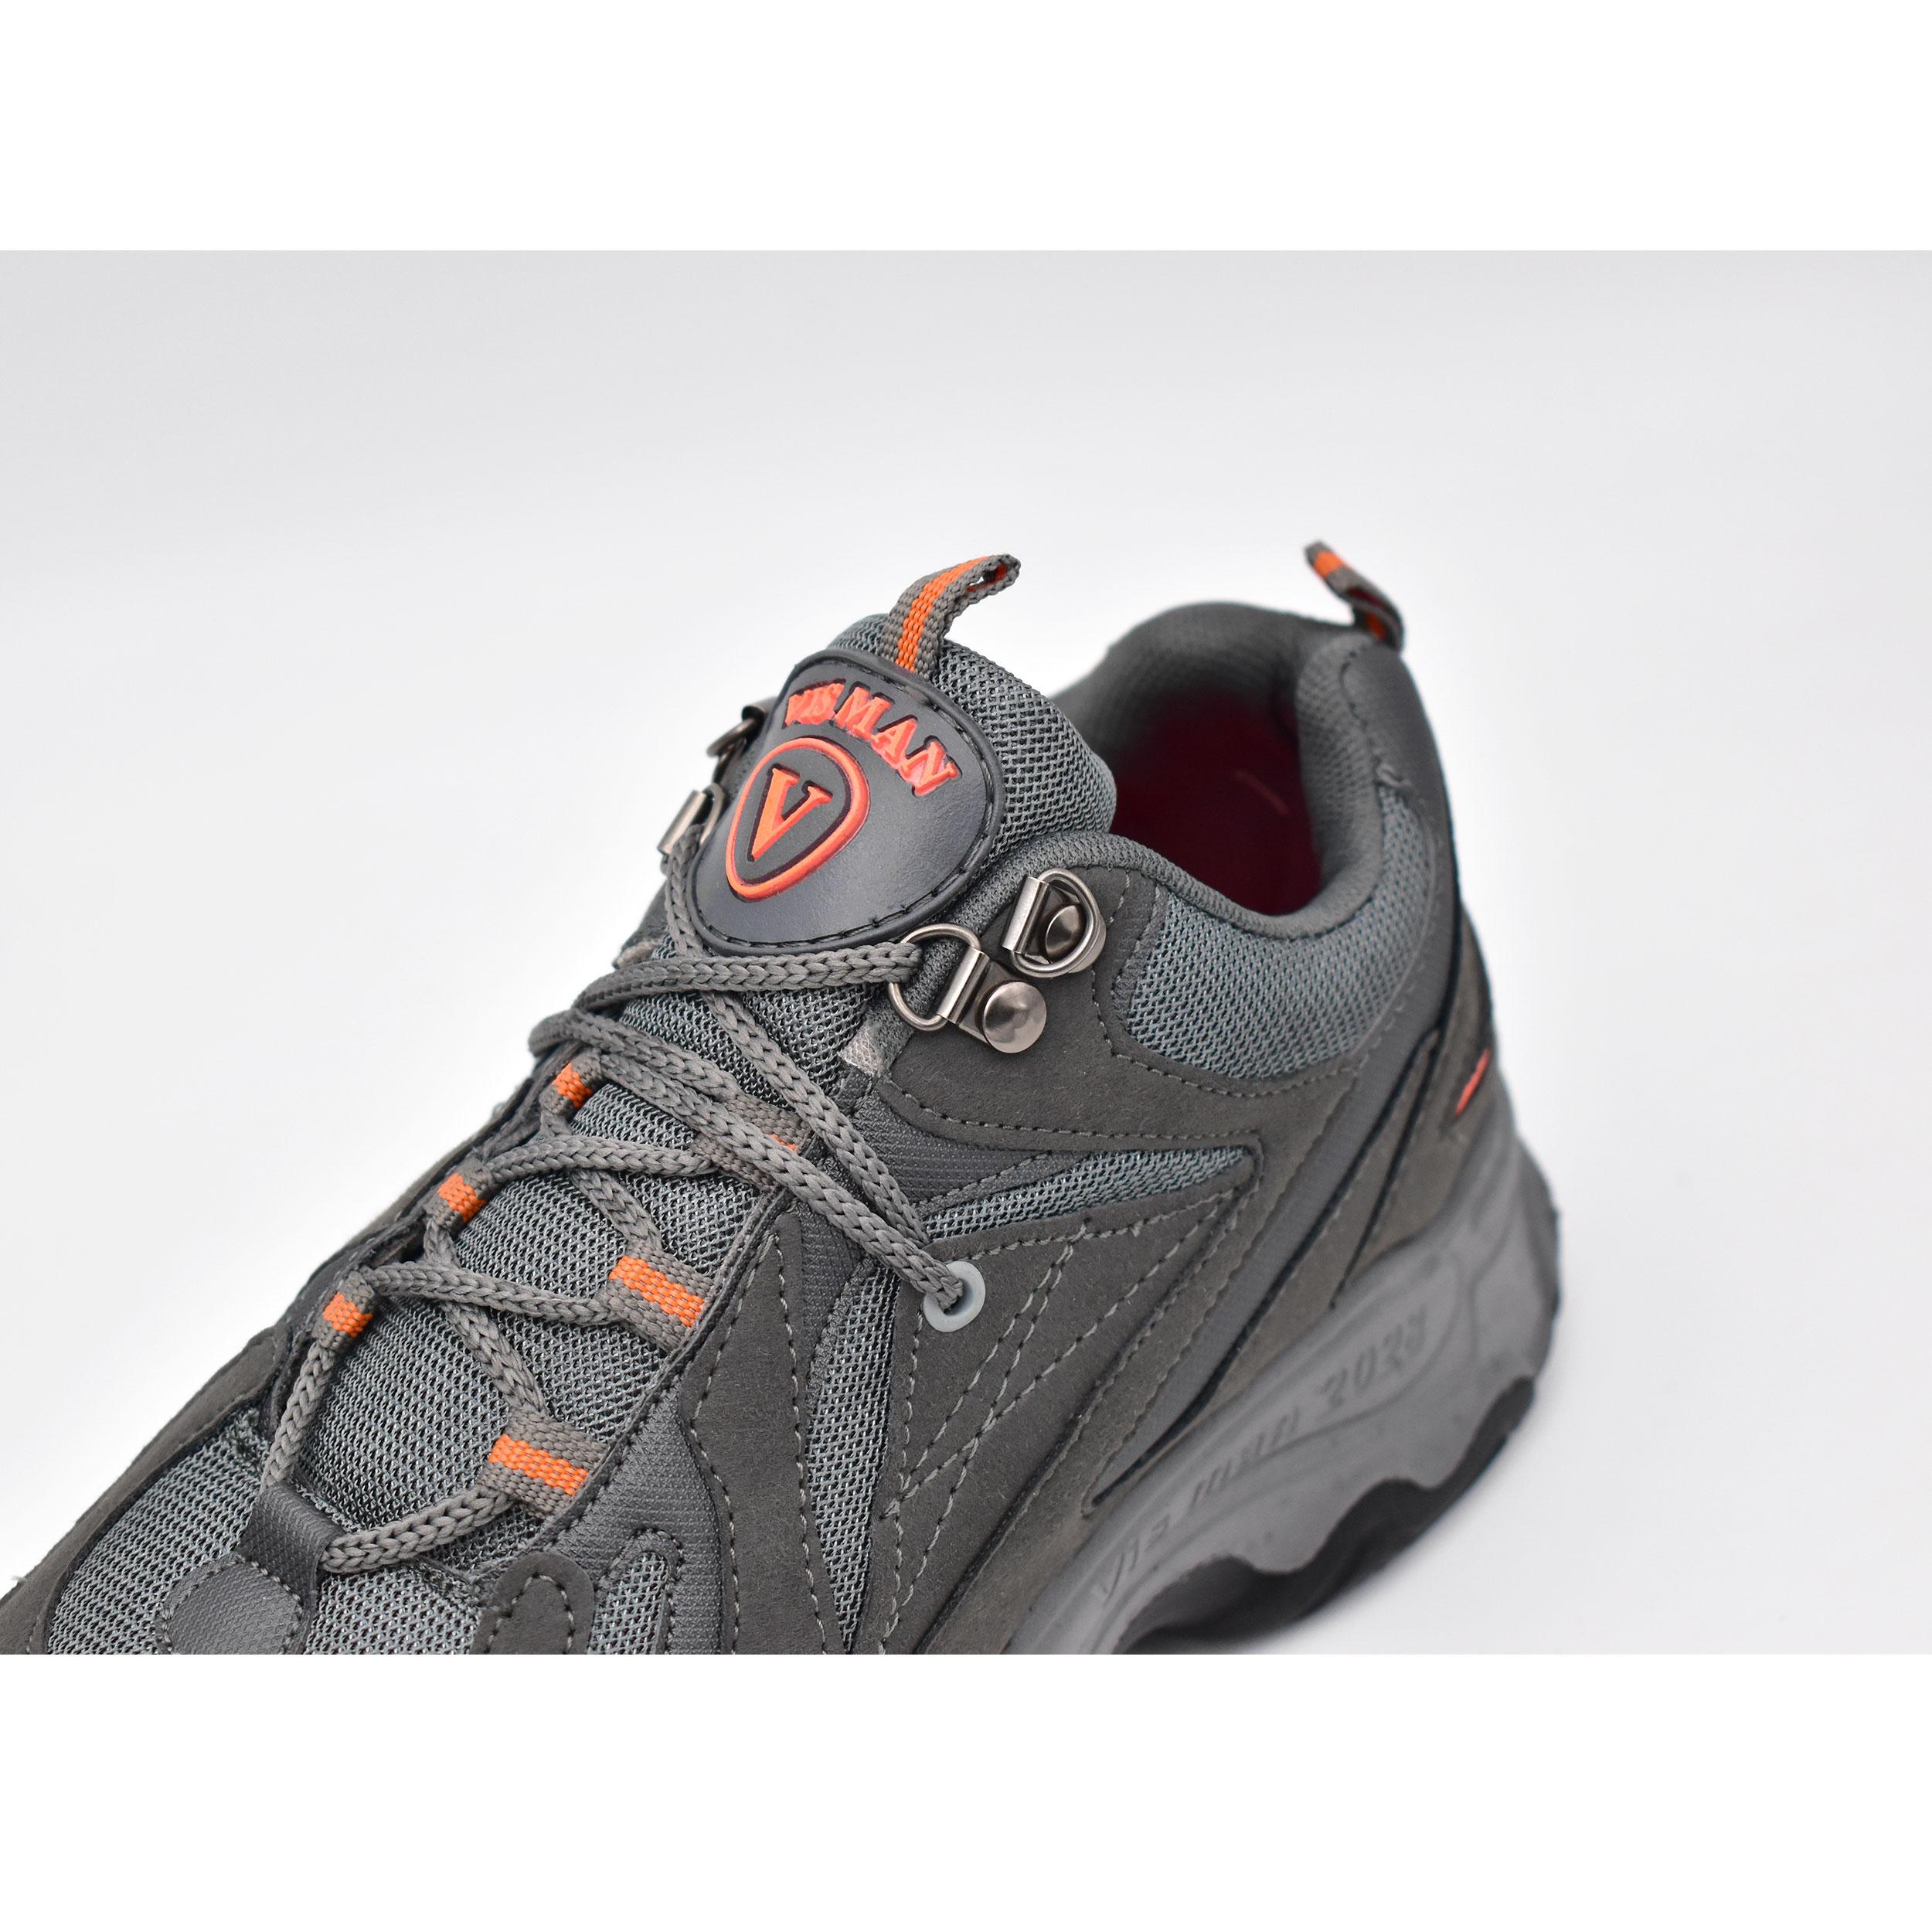 کفش کوهنوردی مردانه ویس من مدل CKO کد 8377 main 1 10